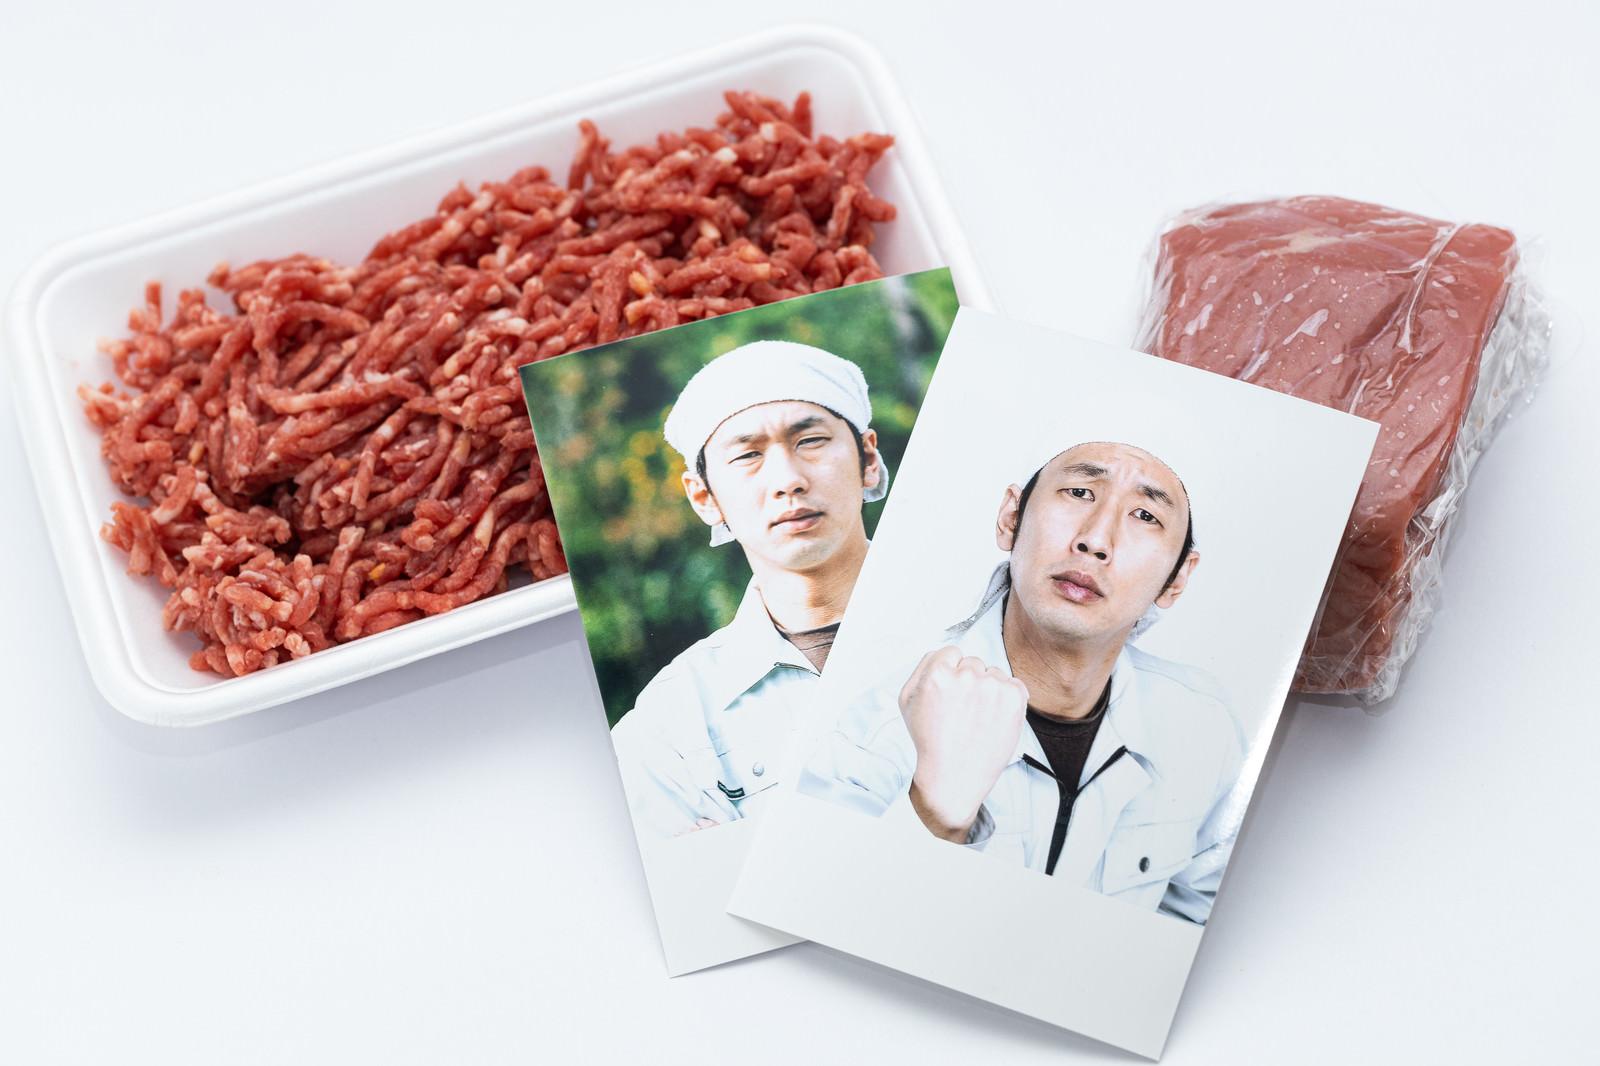 「生産者の顔が見えるブロック肉とミンチ肉」の写真[モデル:大川竜弥]